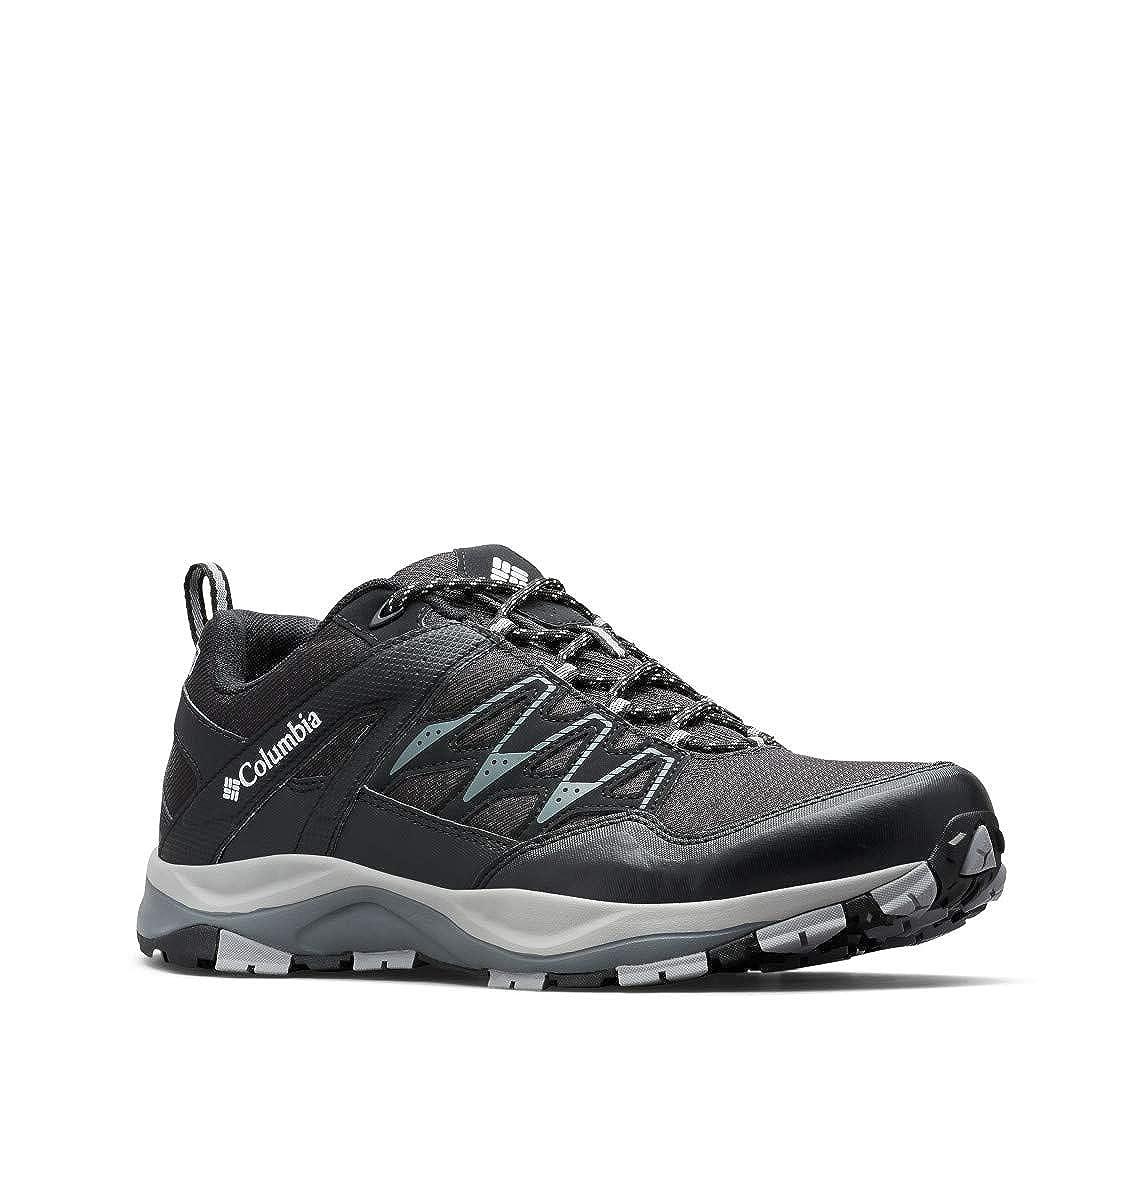 Noir (noir, Lux) 44 EU Columbia Wayfinder Outdry, Chaussures de Randonnée Basses Homme